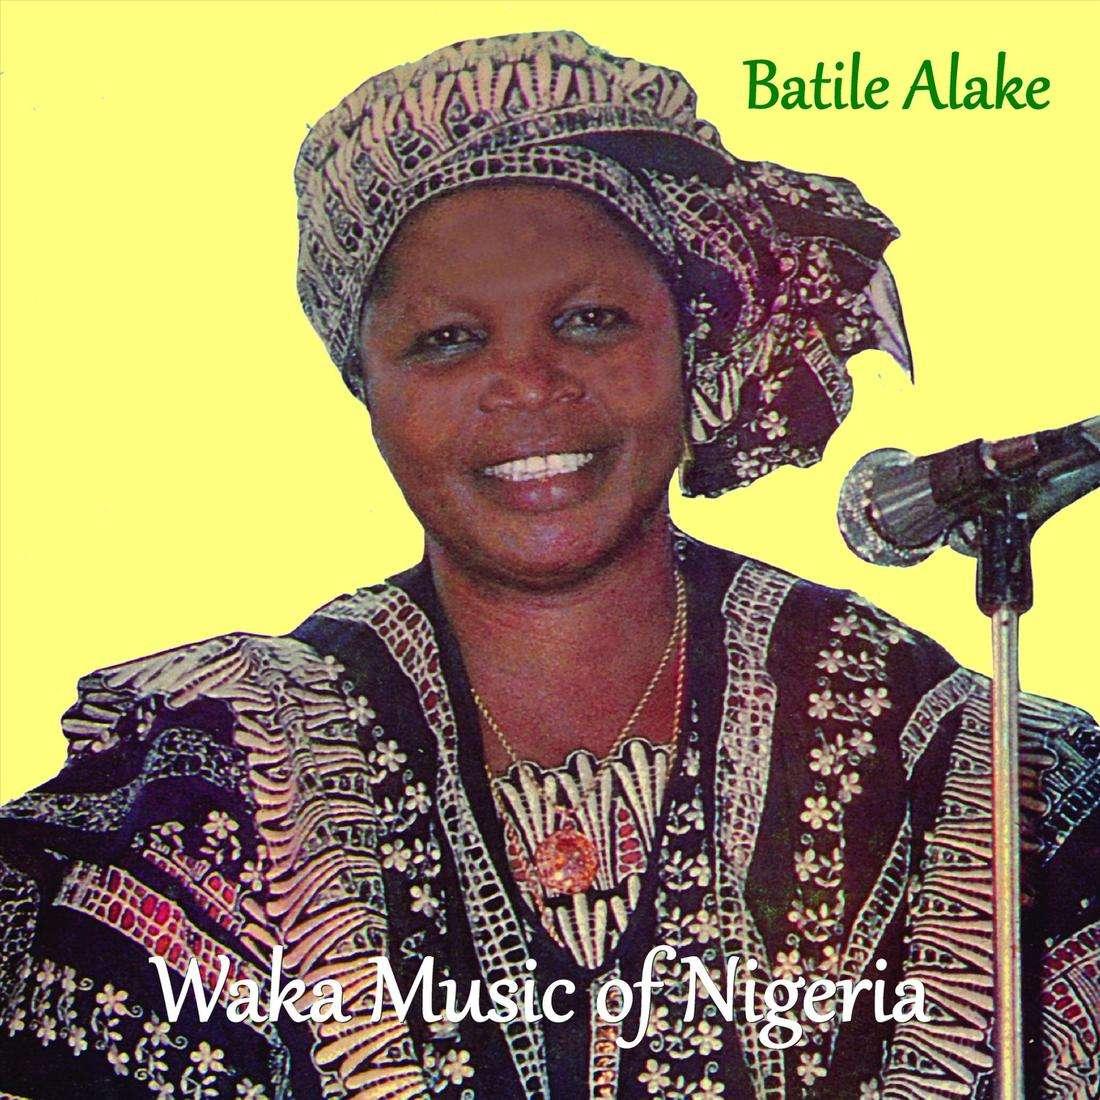 Waka Waka 非洲时刻